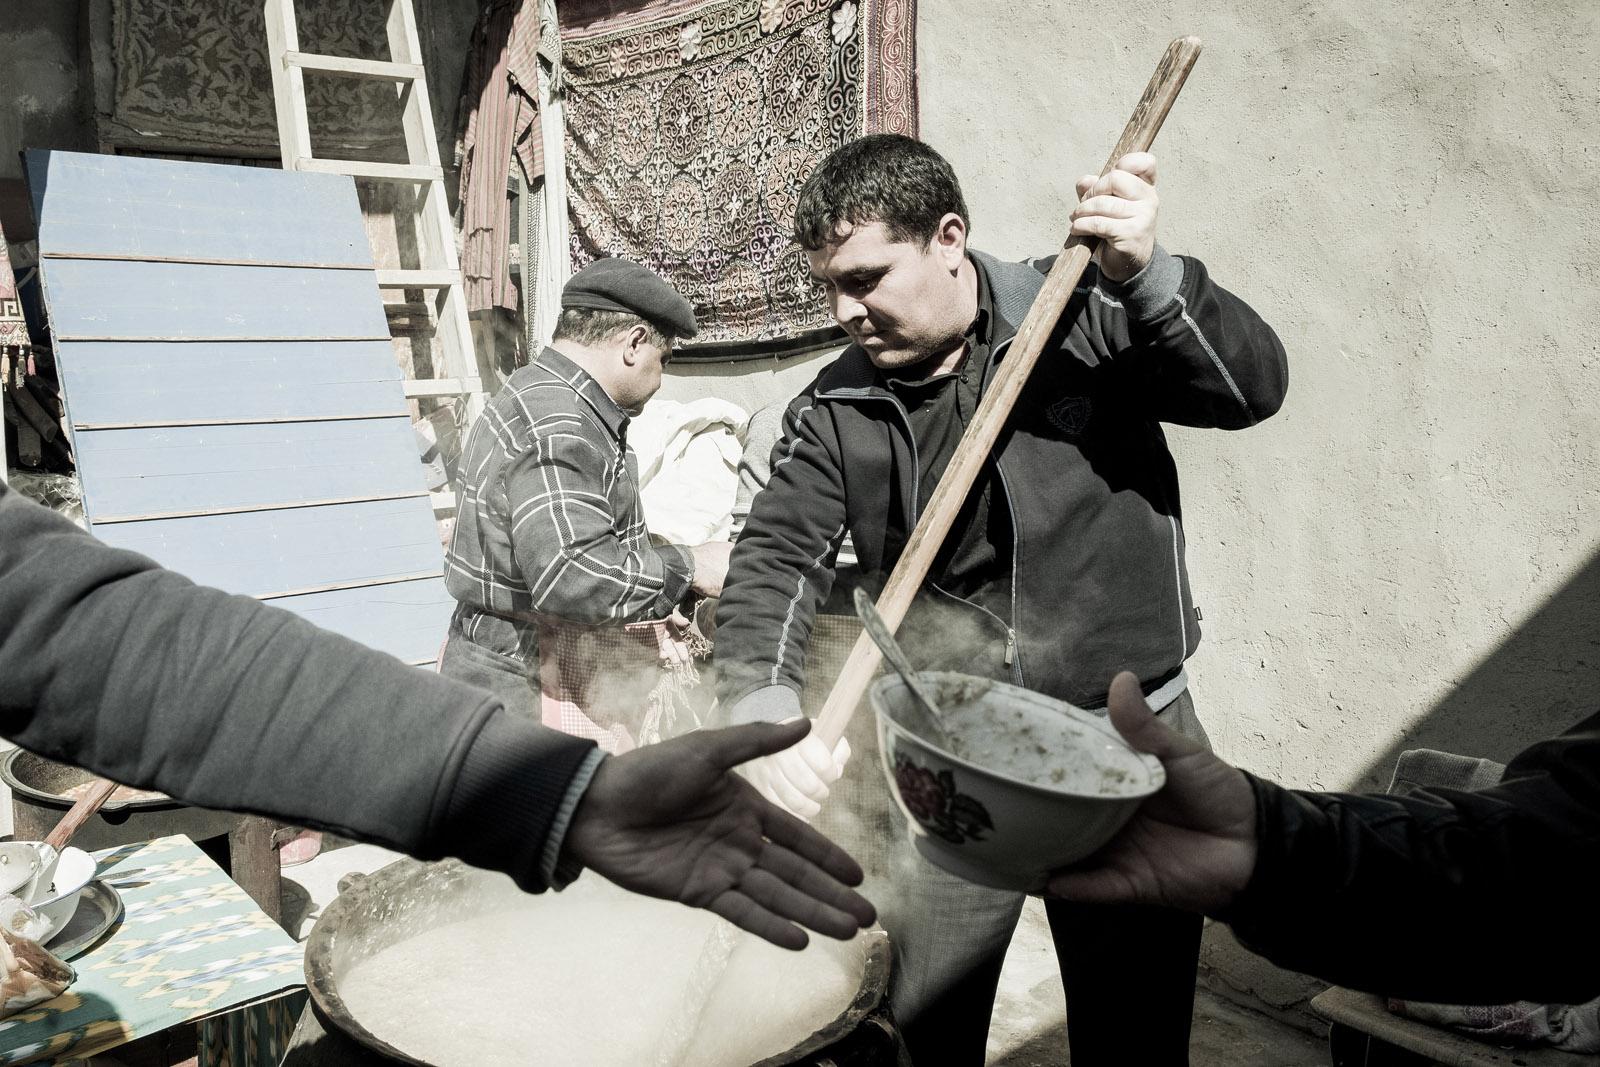 Preparación del Halissa, para festejar Navruz. Foto © Ezequiel Scagnetti.